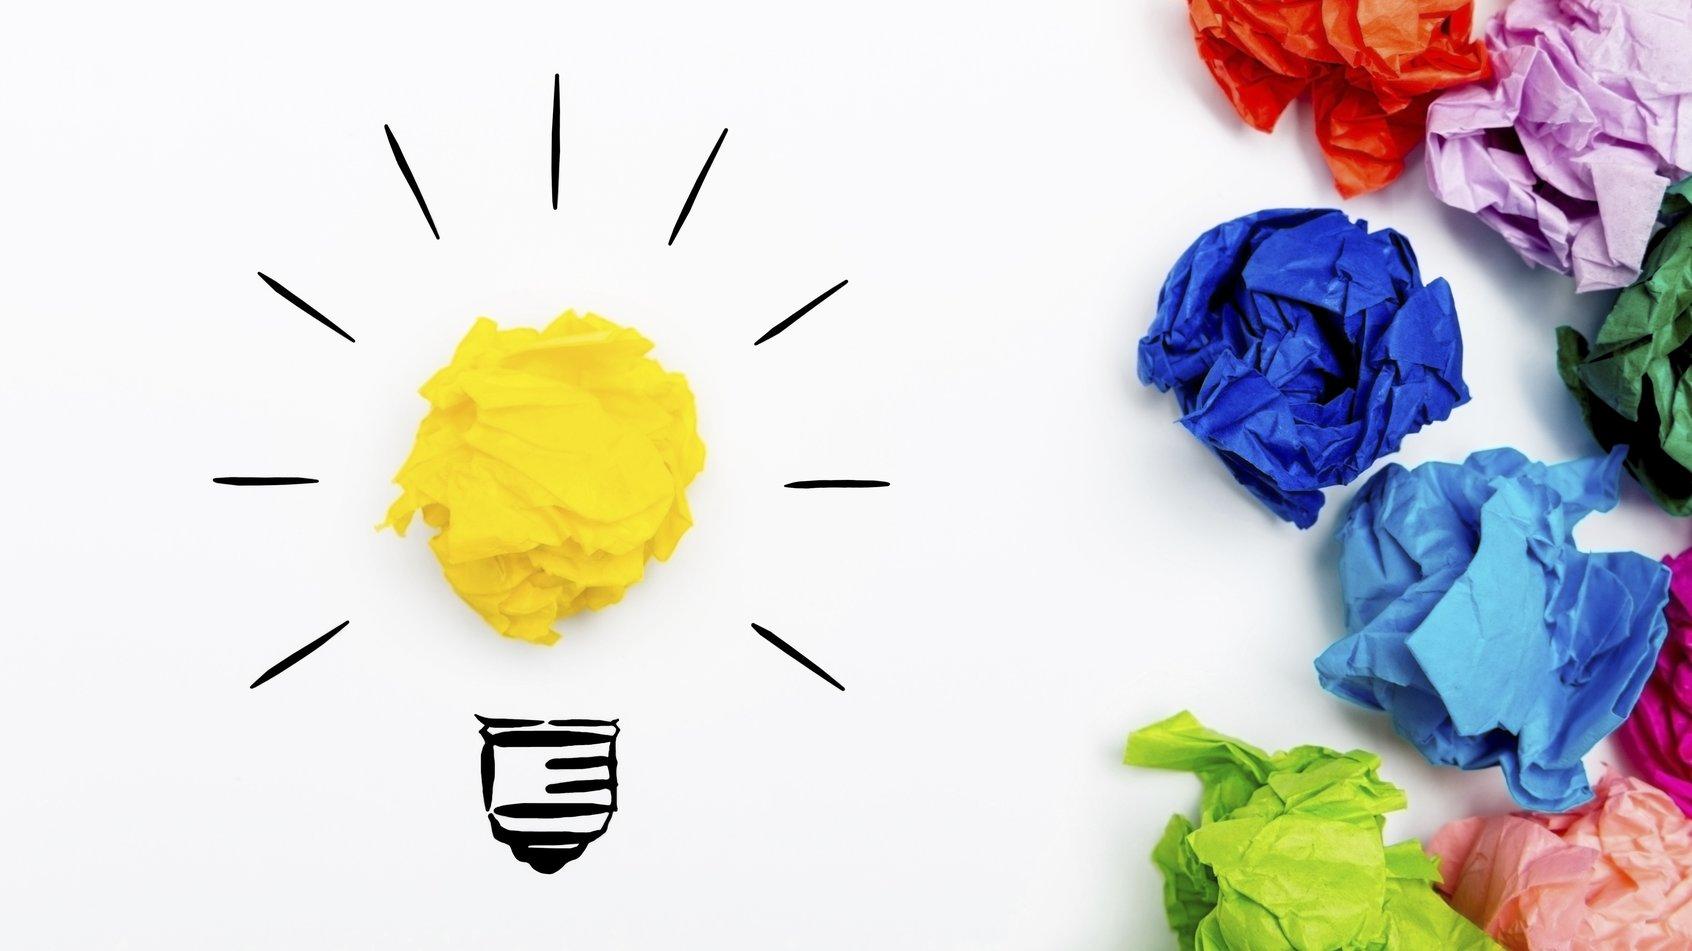 Allting börjar med en idé.